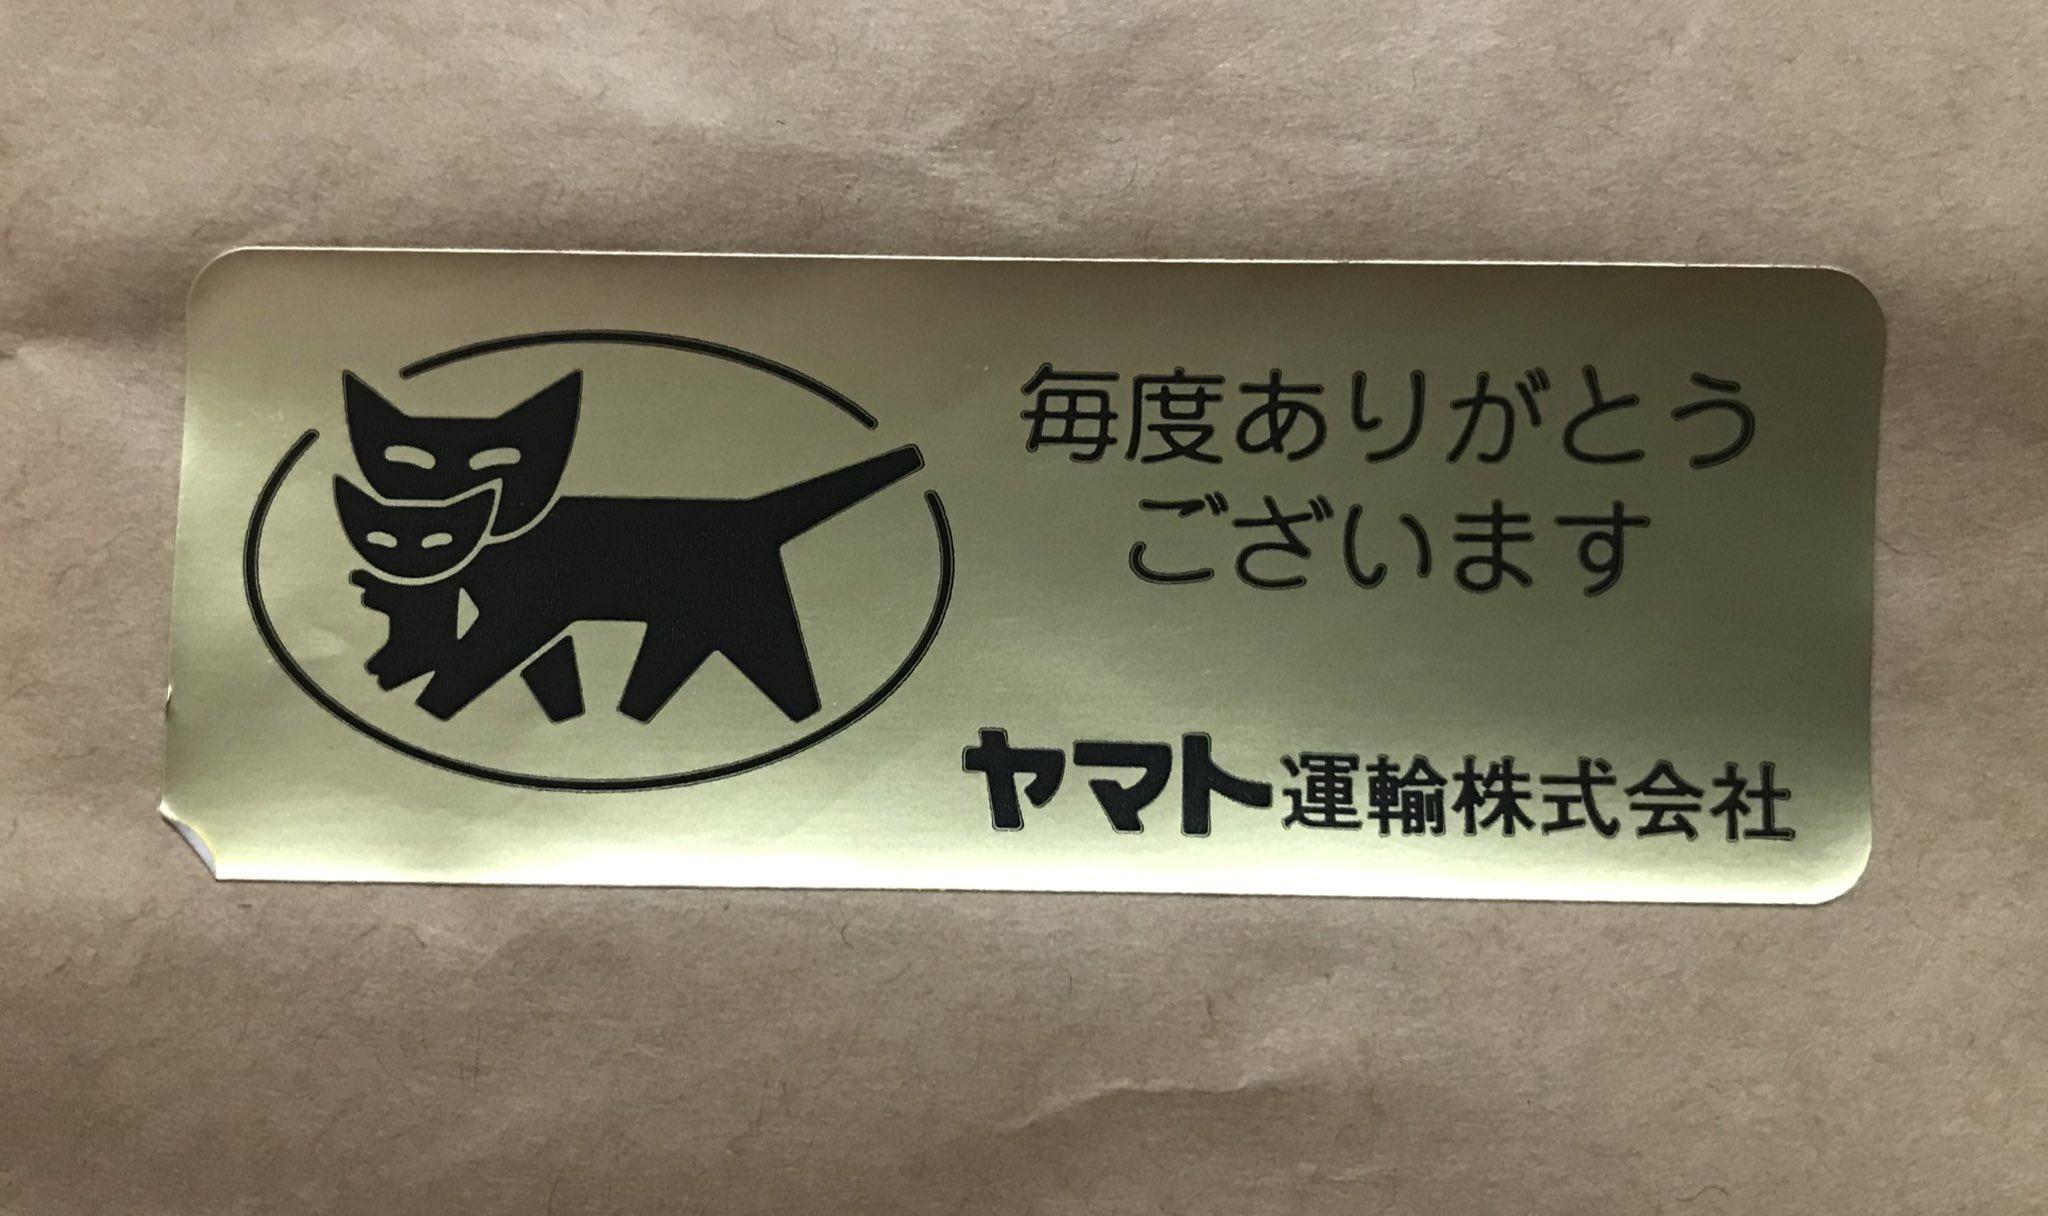 この黒猫の金のシールが貼ってある荷物はヤベェ荷物で持ち出しにハンコが必要だったり上に荷物置けないとかでとくに気をつけなきゃならねぇんですよ…と黒猫のお兄さんがいかにもなヤベェ説明とともに持ってきてくれた荷物、推しの複製原画だった。